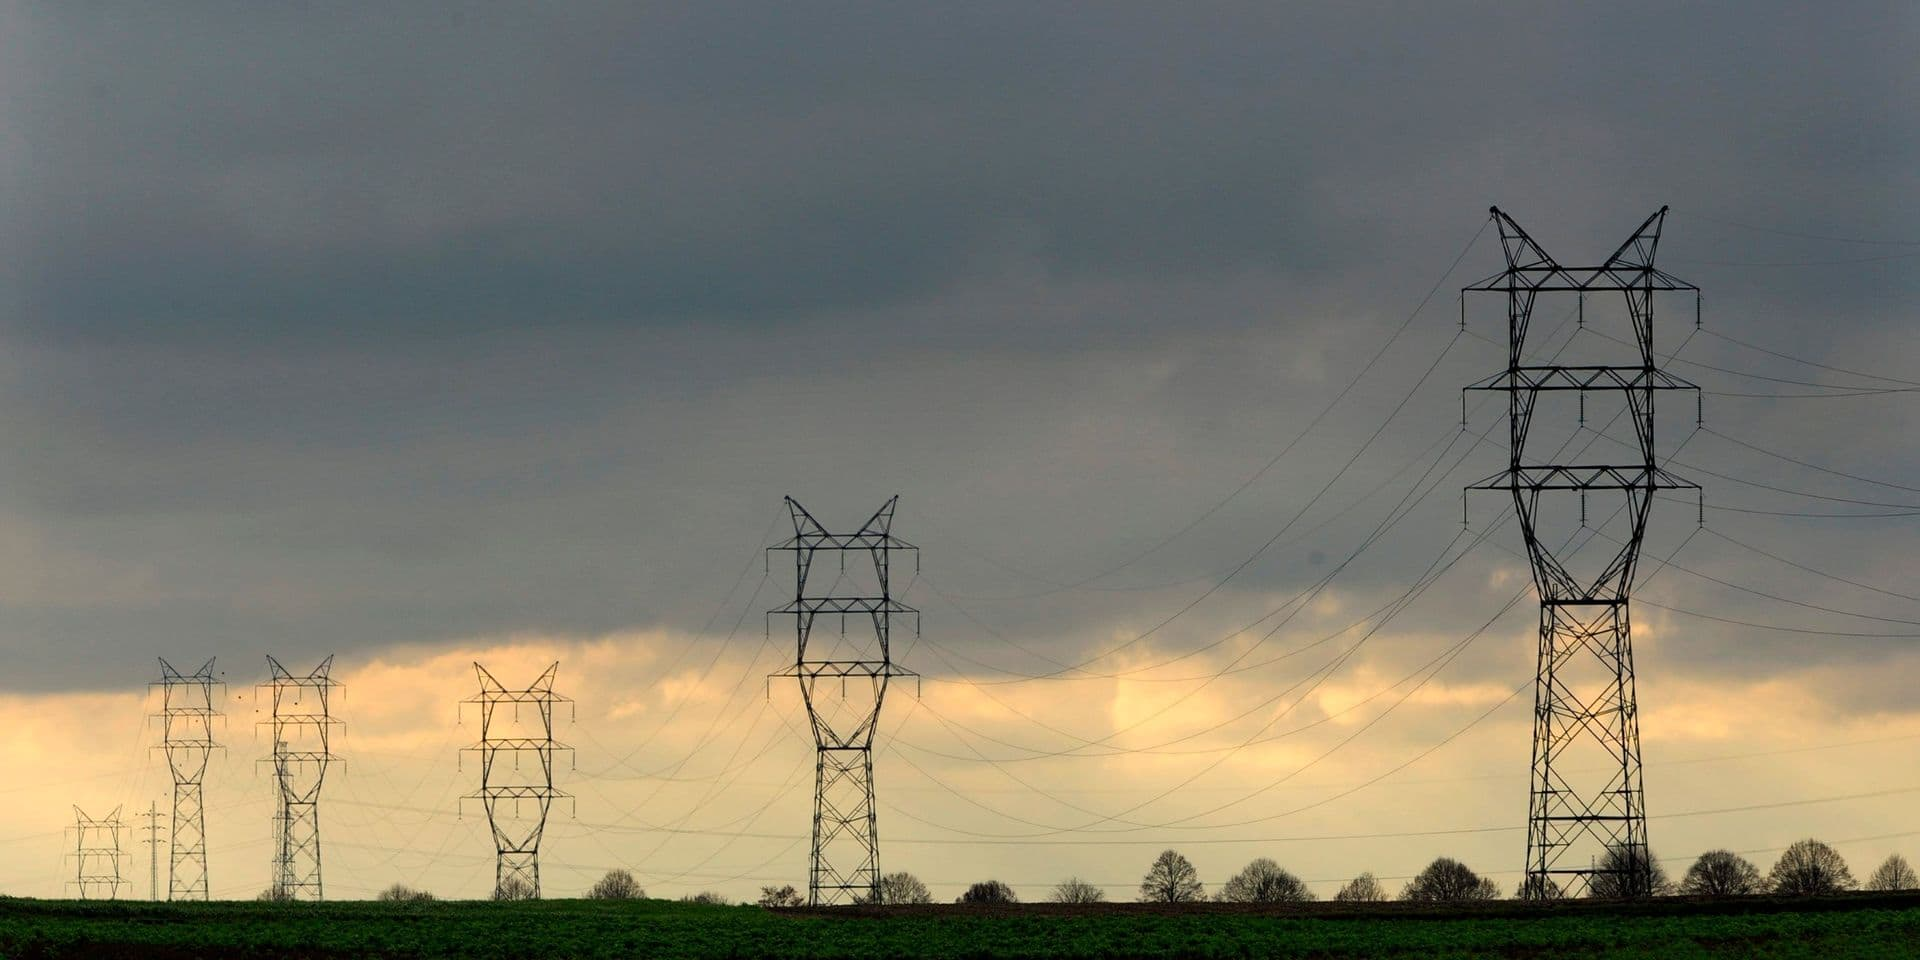 Le tracé de la future autoroute électrique se précise : 14 communes du Hainaut seront traversées